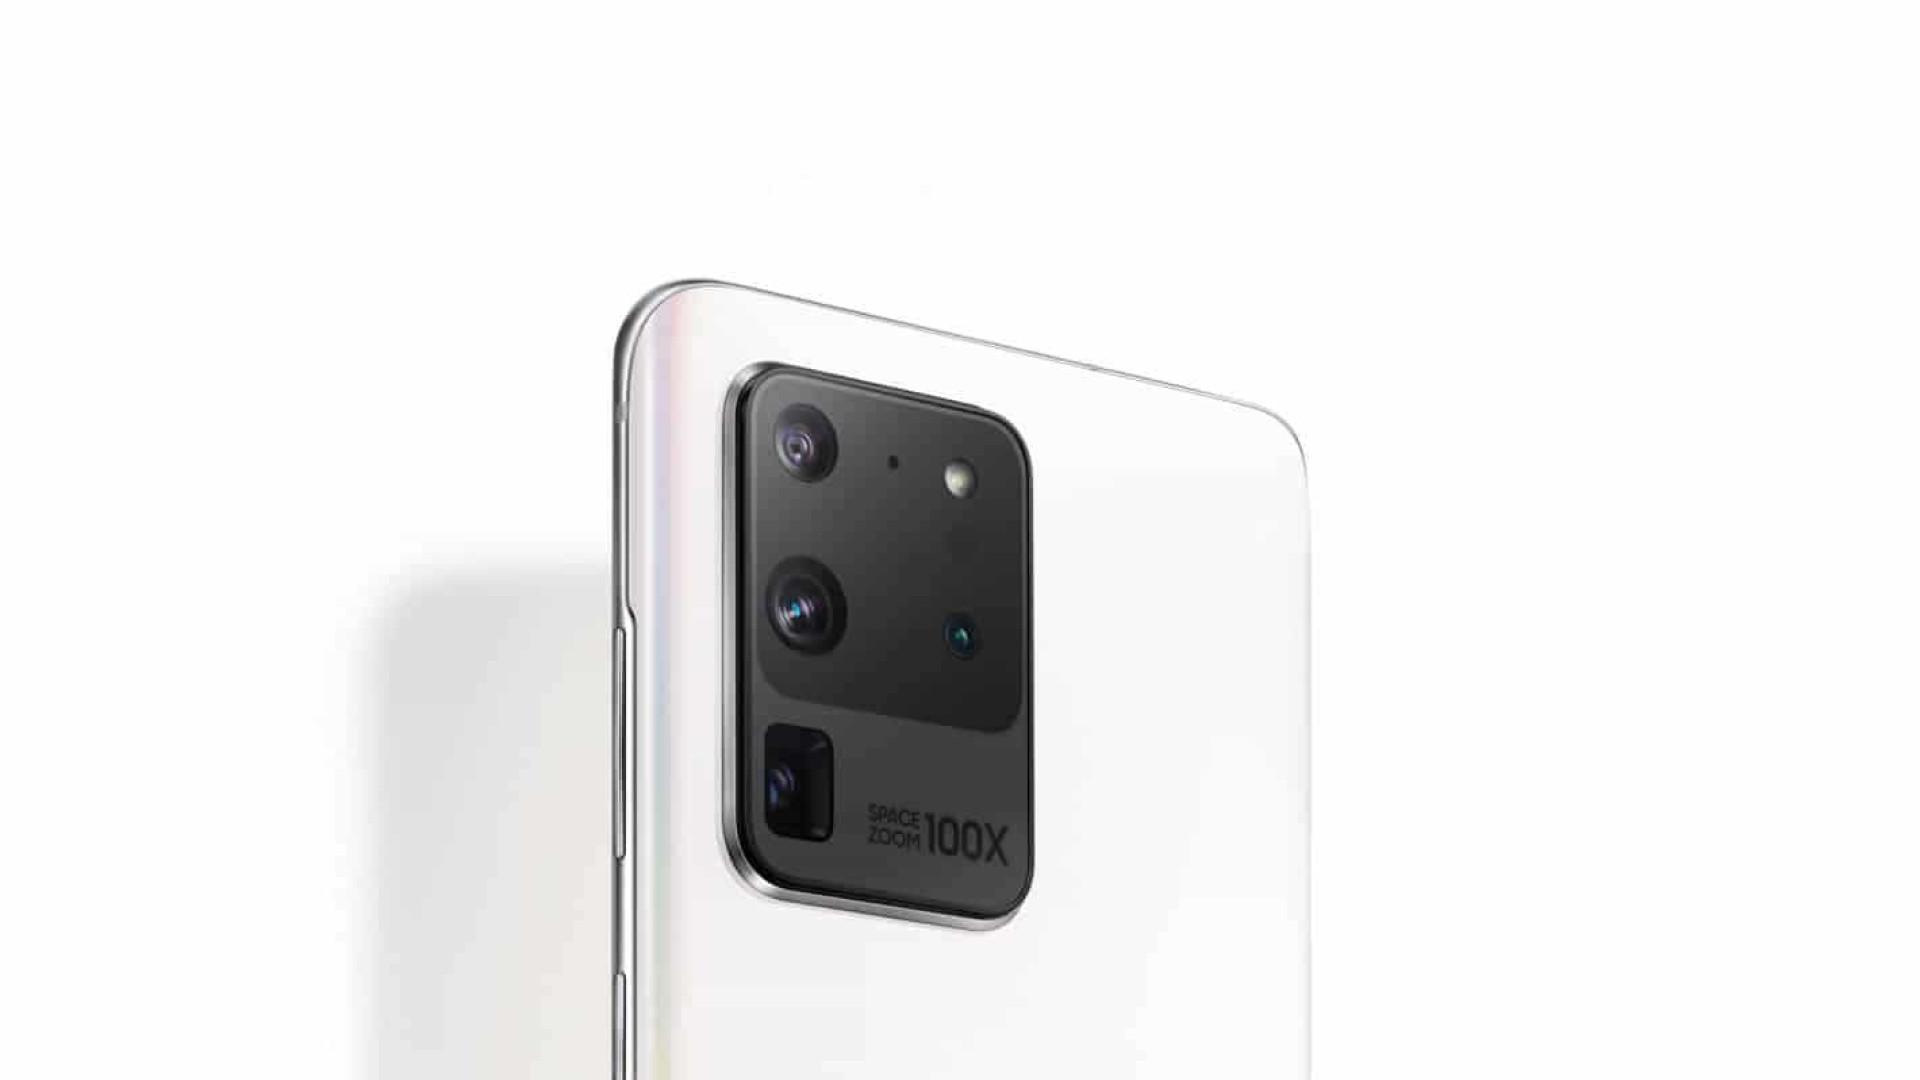 Samsung anunciou edição limitada do Galaxy S20 Ultra